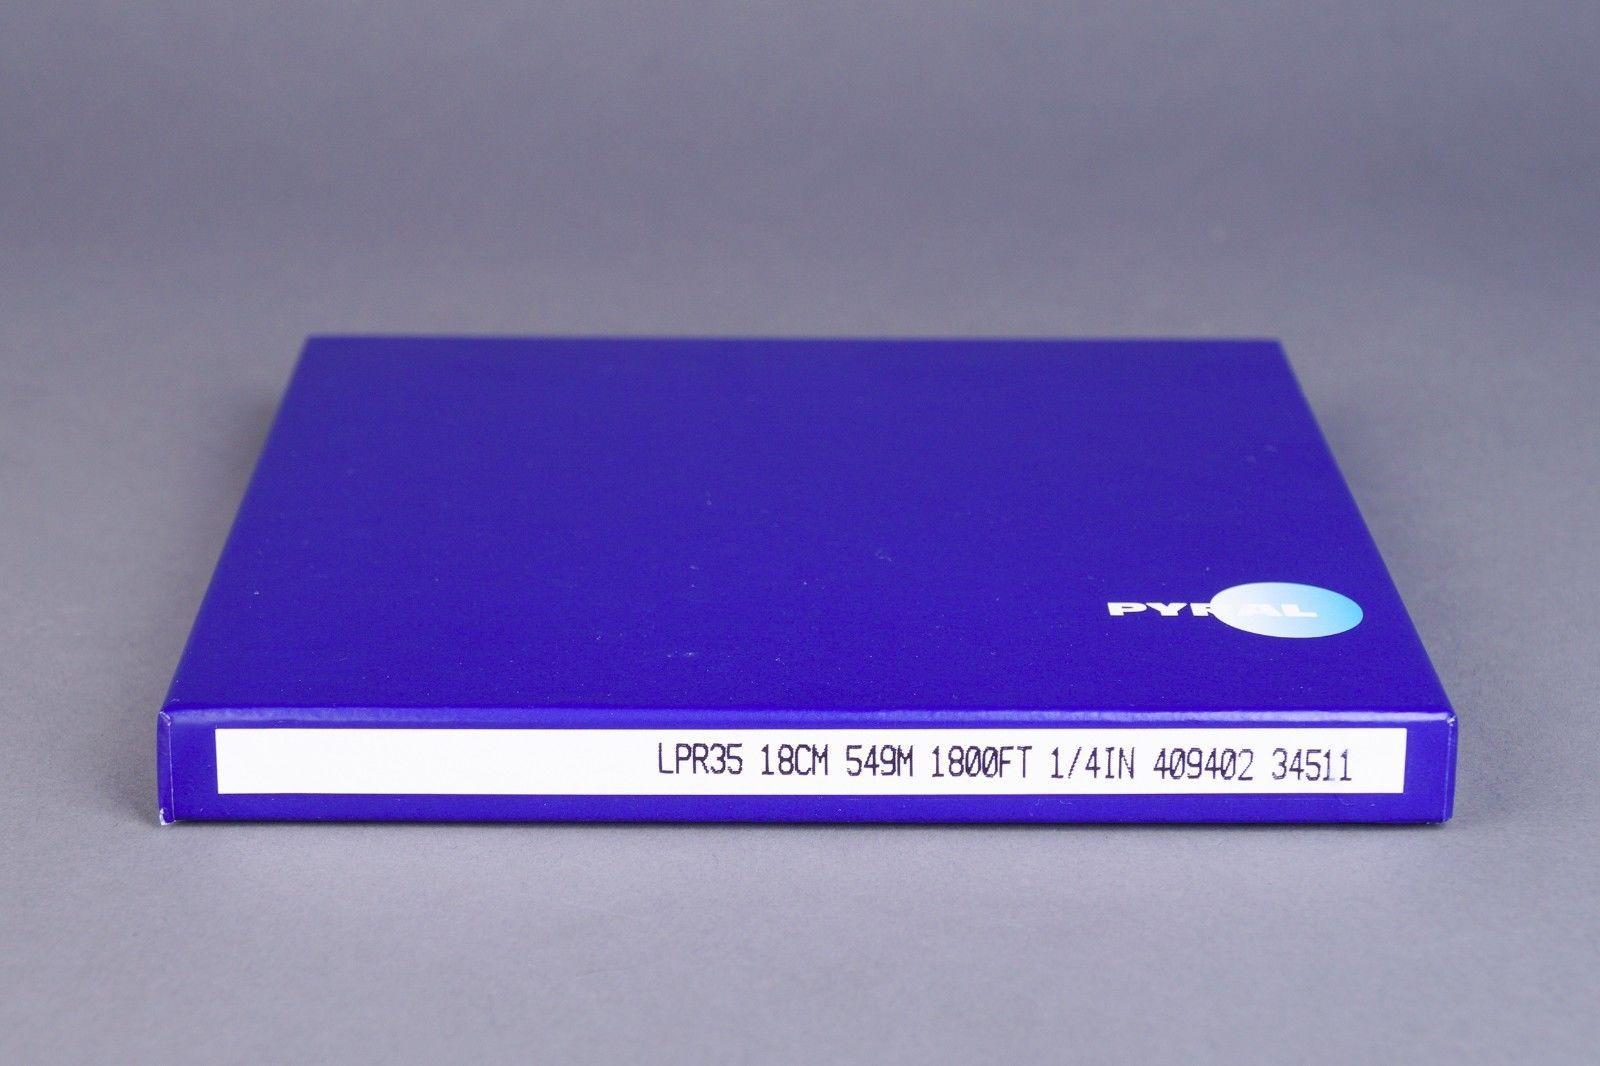 """RTM LPR35 BASF Long Play Tape Plastic Reel 1/4"""" 1800' 549m 7"""" Authorised Dealer"""